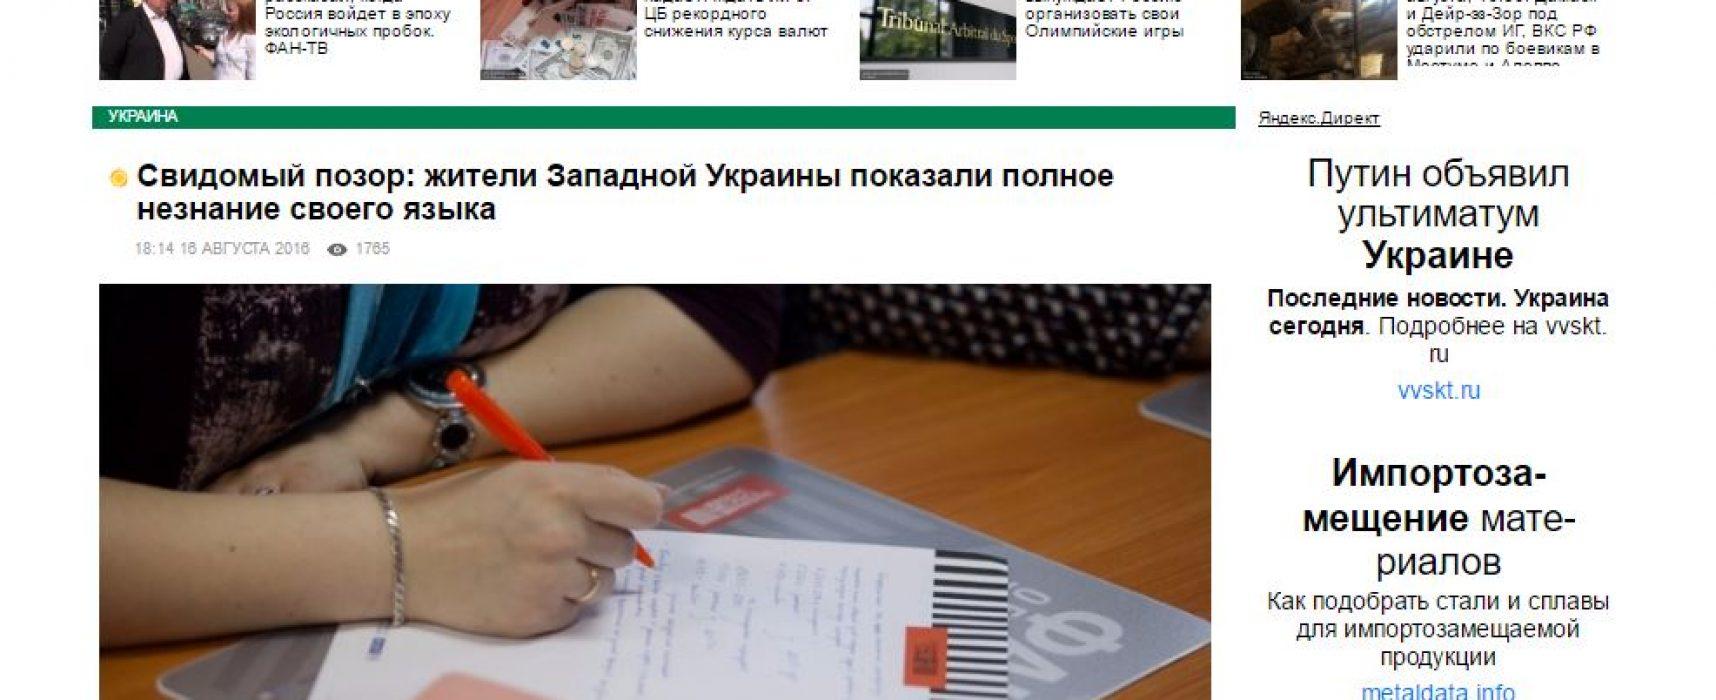 Фейк: жители Западной Украины показали полное незнание своего языка